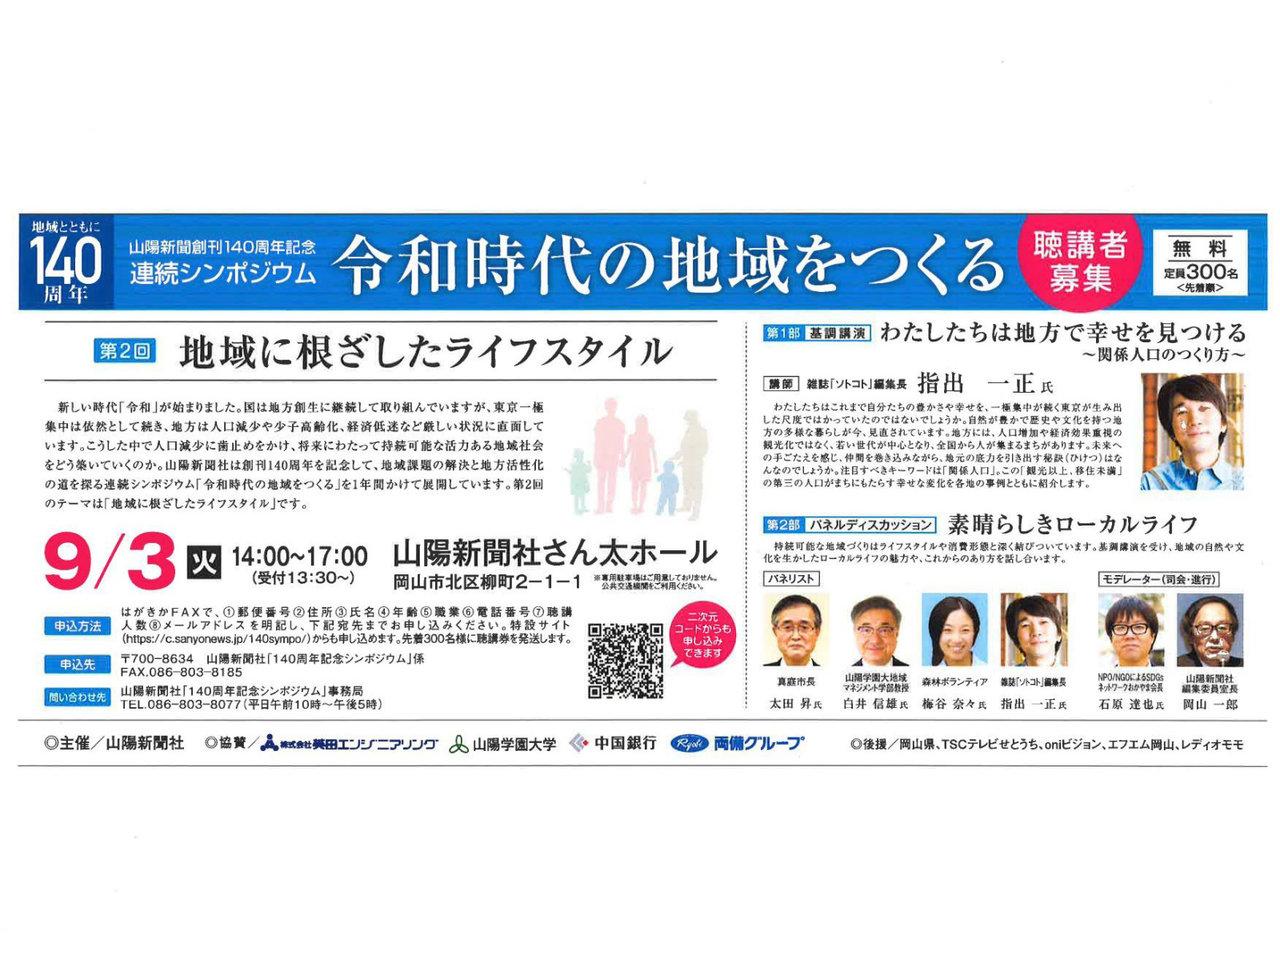 岡山県岡山市でシンポジウム「令和時代の地域をつくる」、お待ちしています!